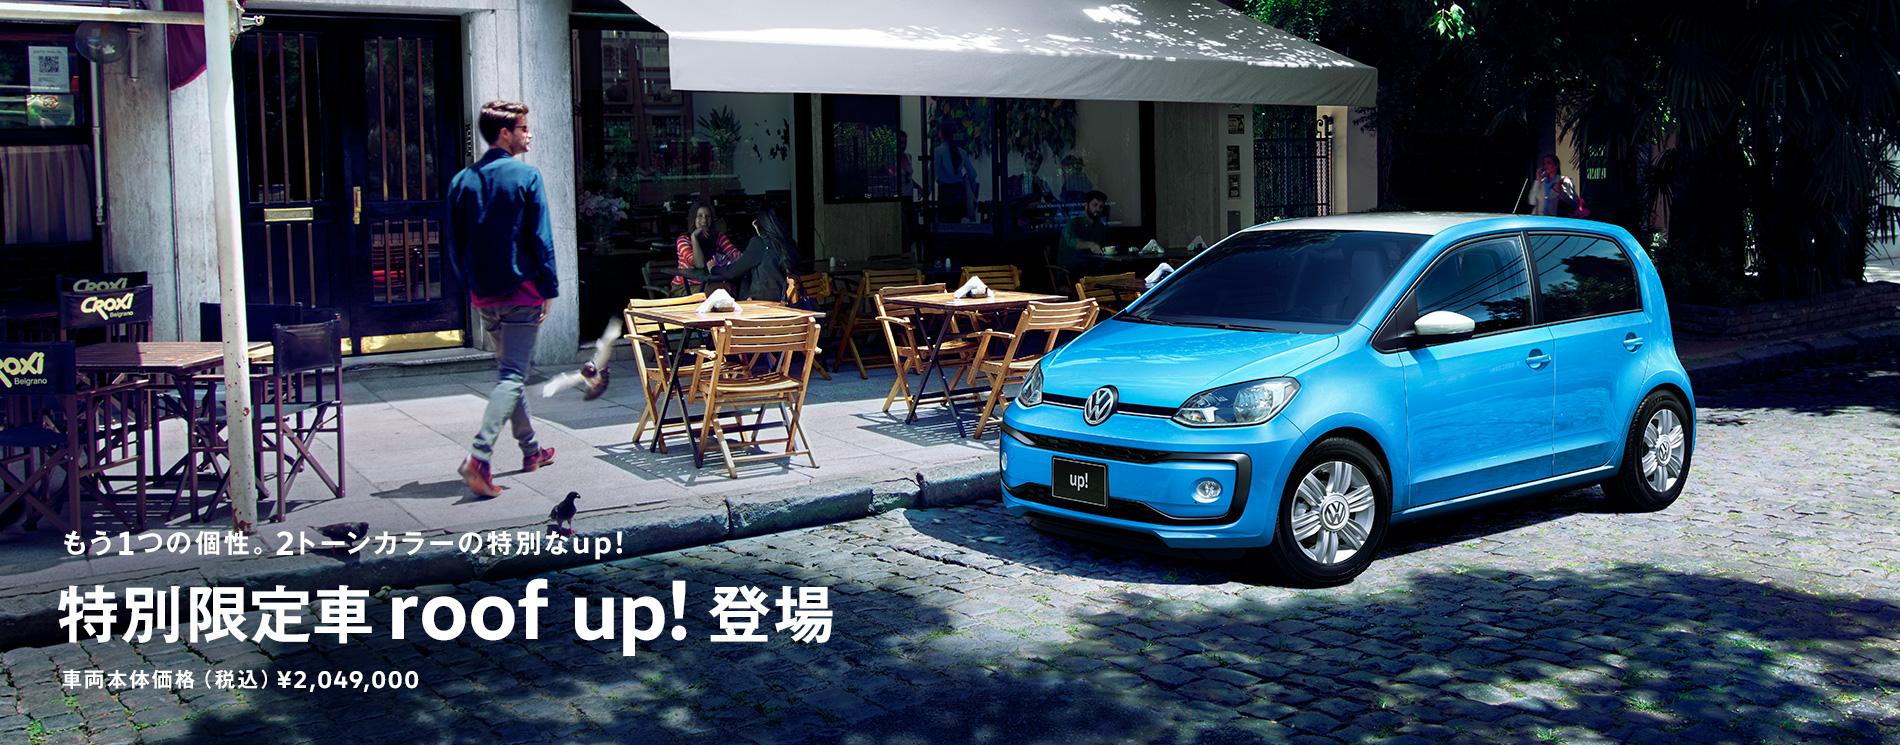 もう一つの個性、2トーンカラーの特別なup! 特別限定車 roof up! 登場 車両本体価格(税込)¥1,723,000~